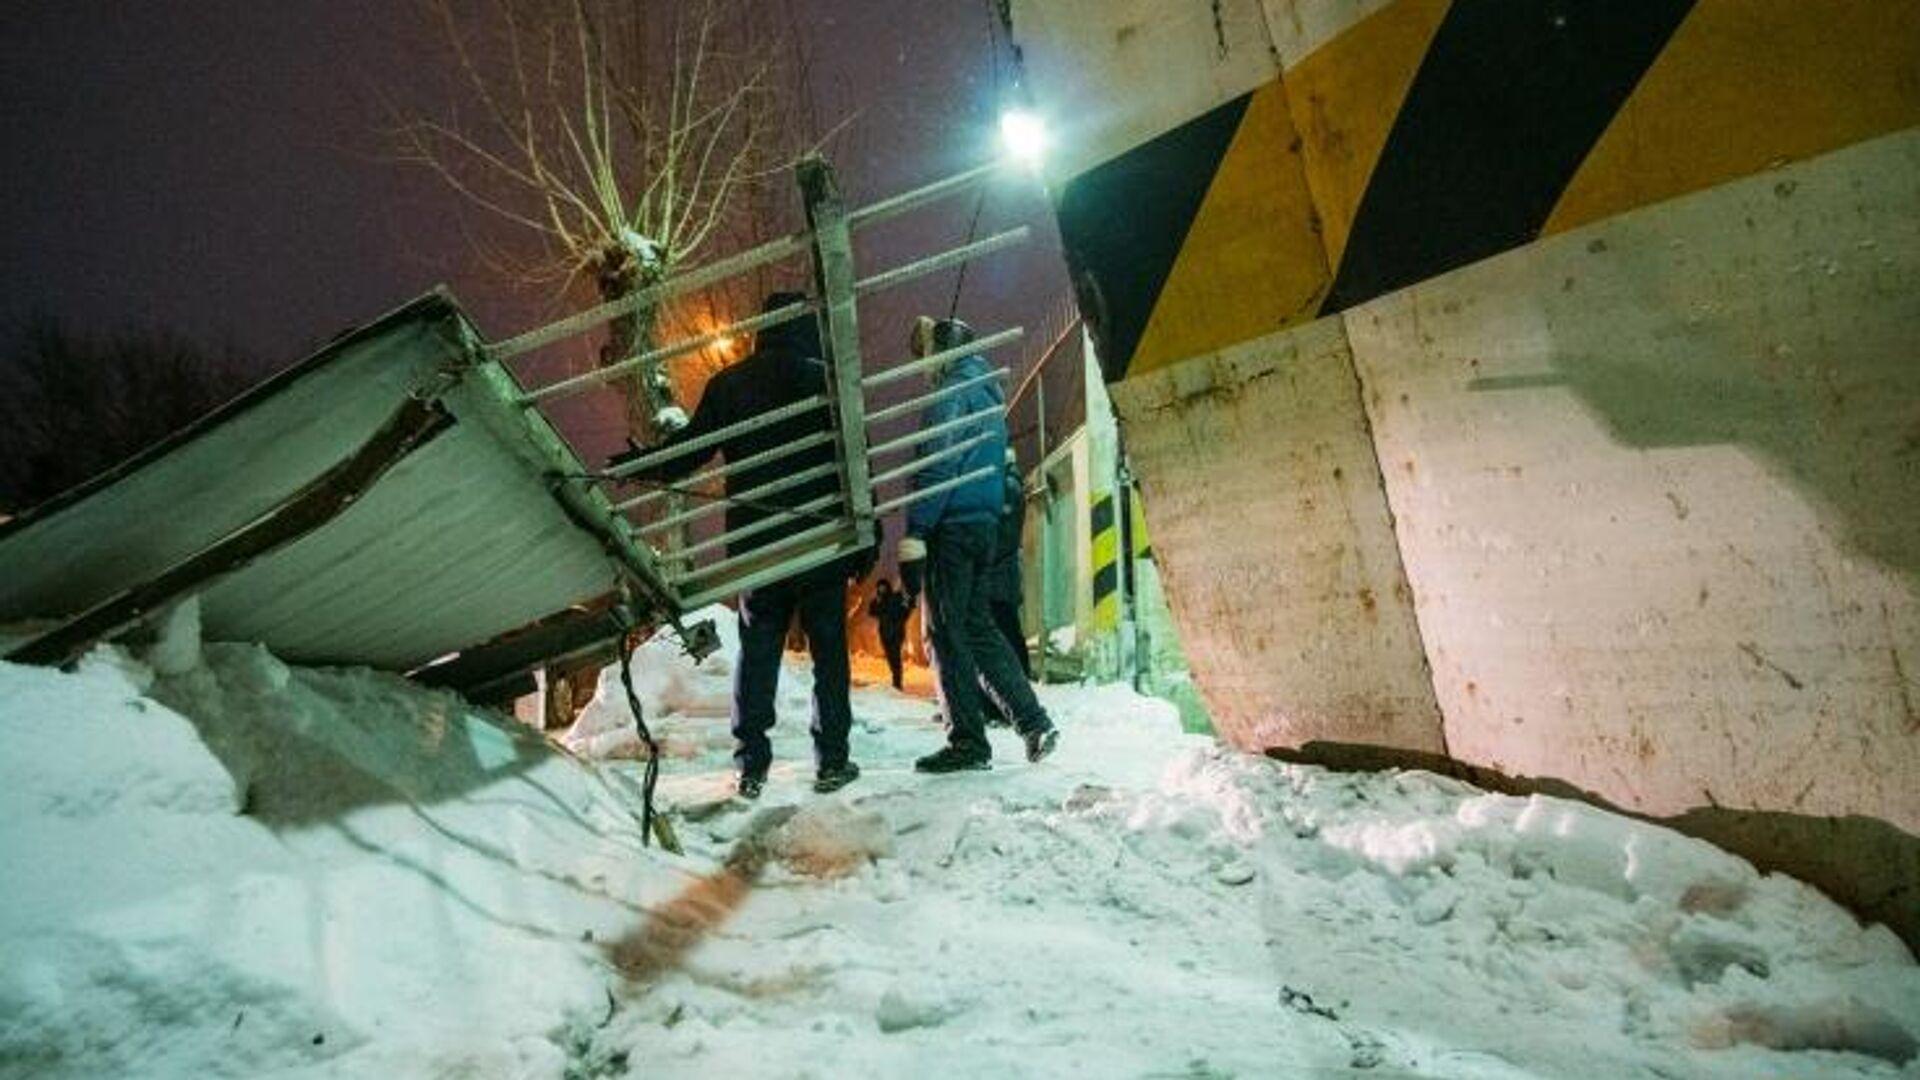 Обрушение бетонного забора в Омске - РИА Новости, 1920, 06.03.2021